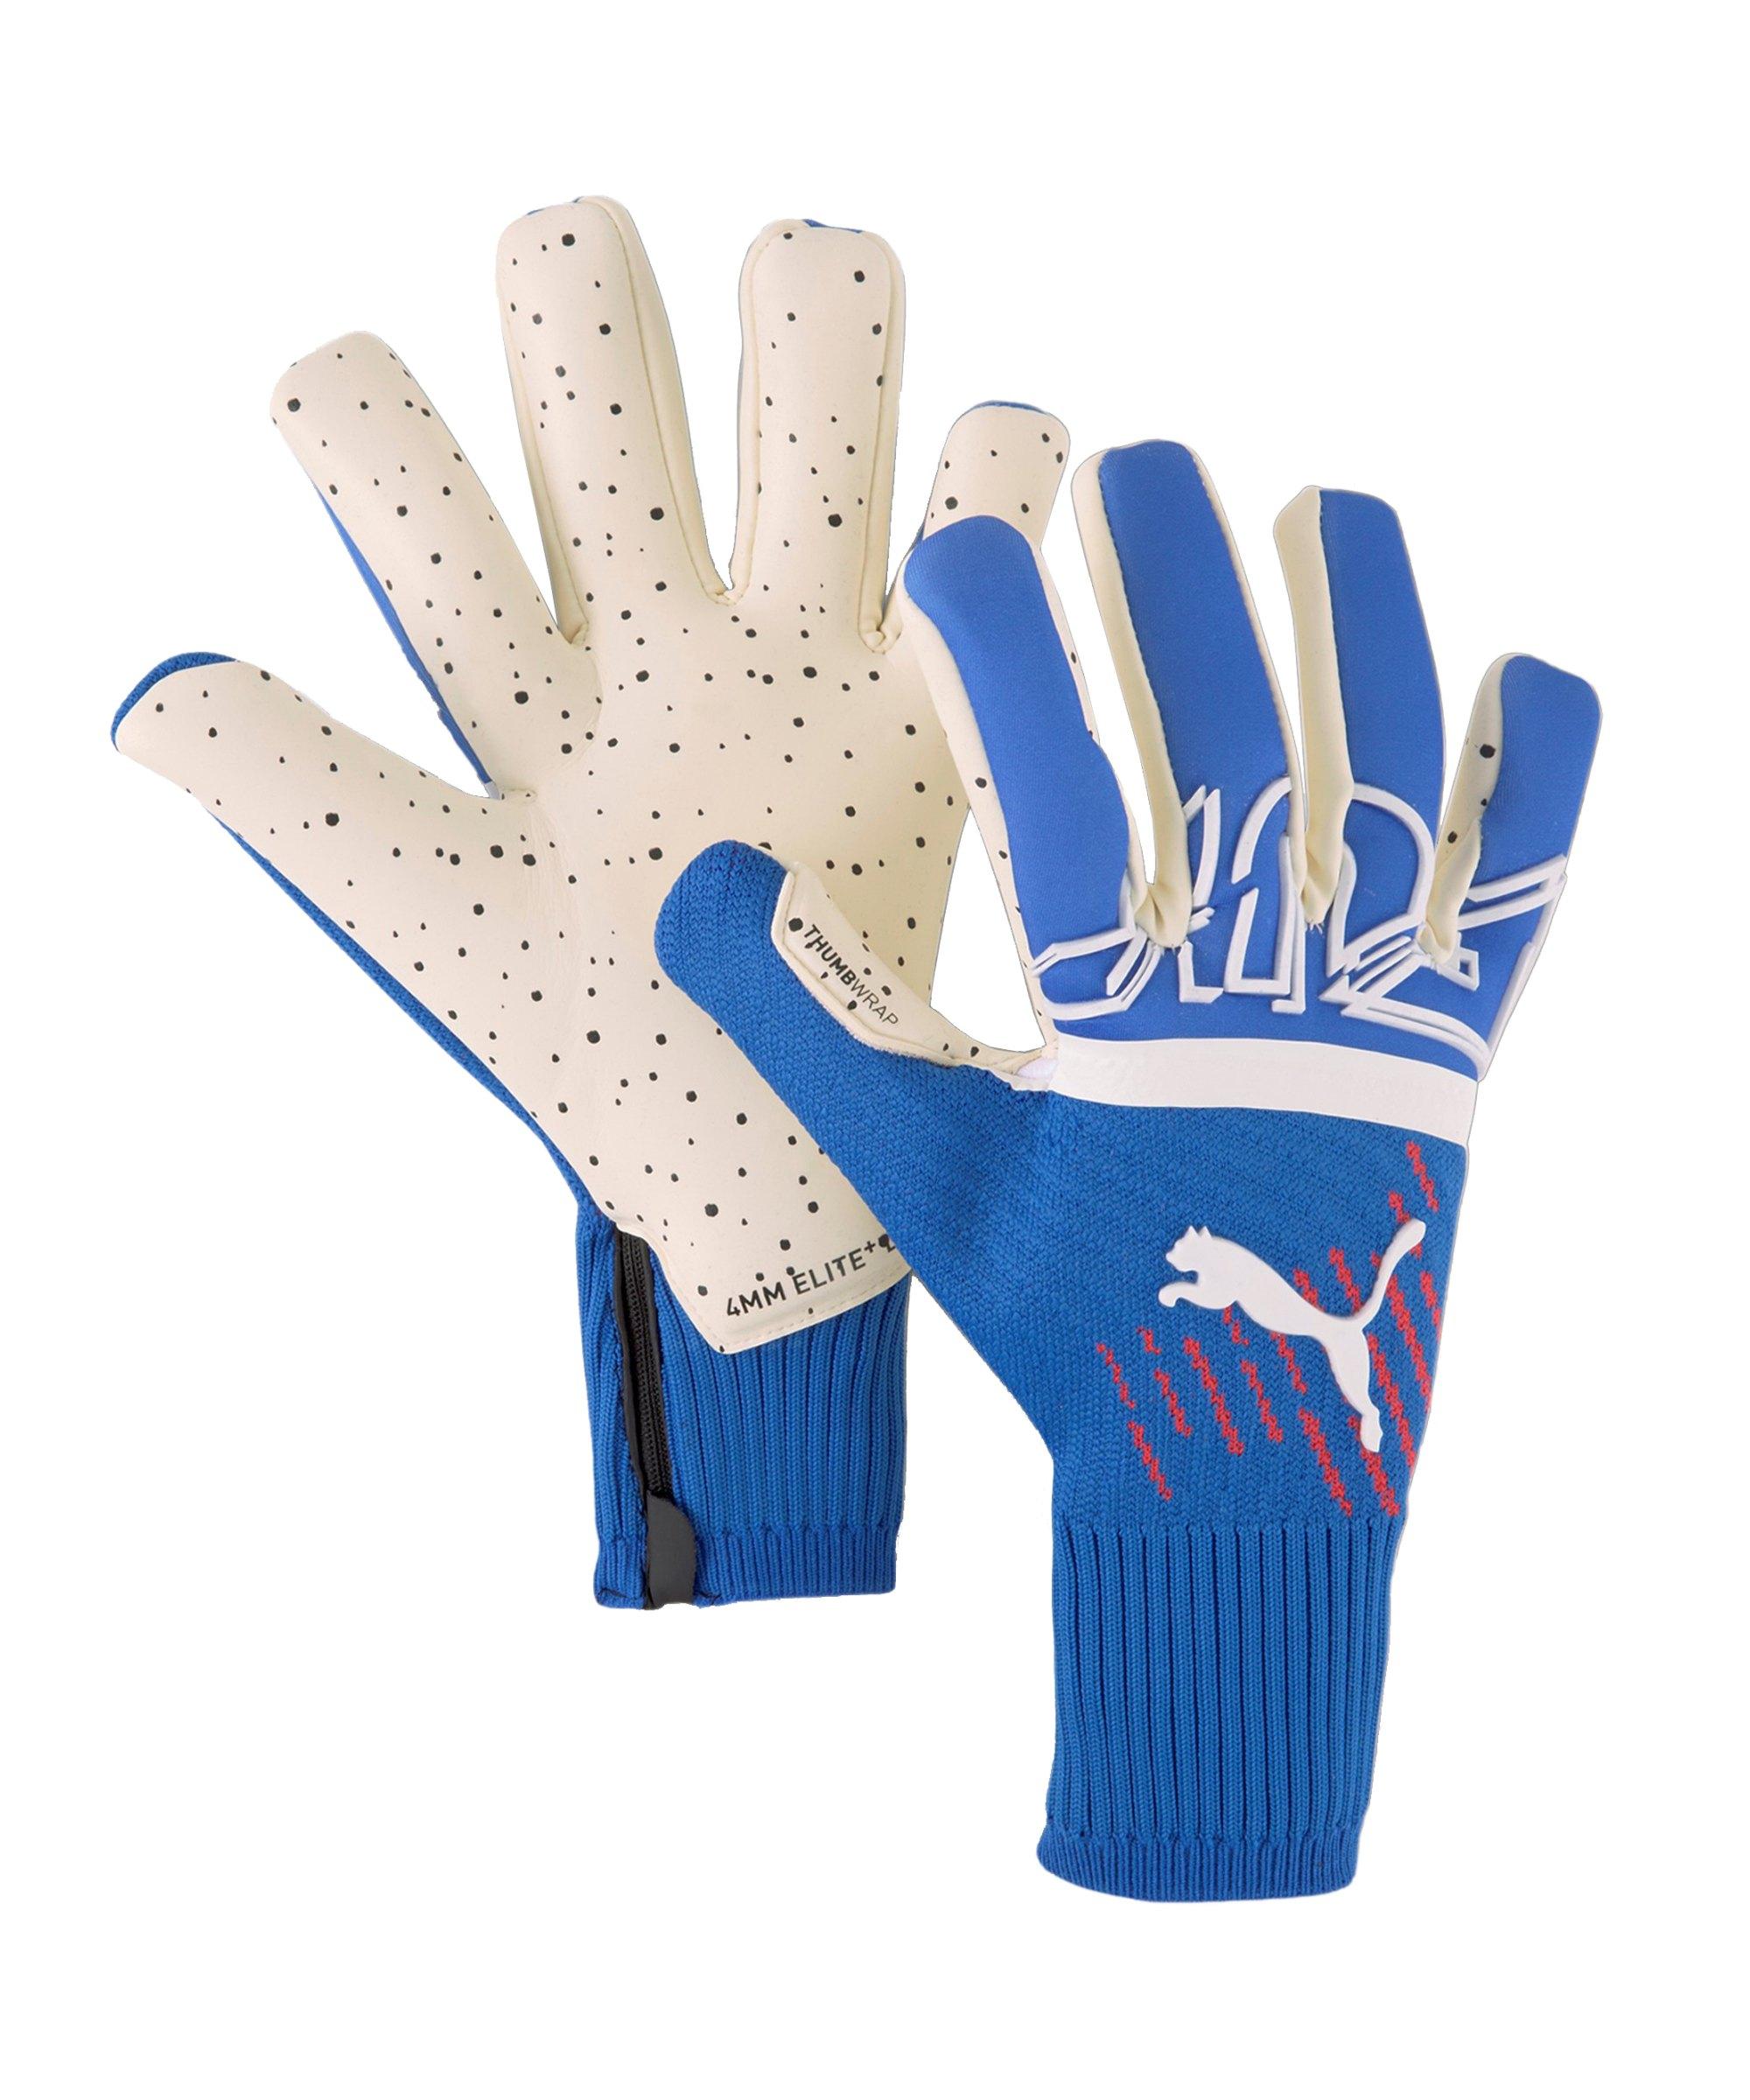 PUMA FUTURE Z Grip Hybrid Faster Football TW-Handschuh Blau F04 - blau